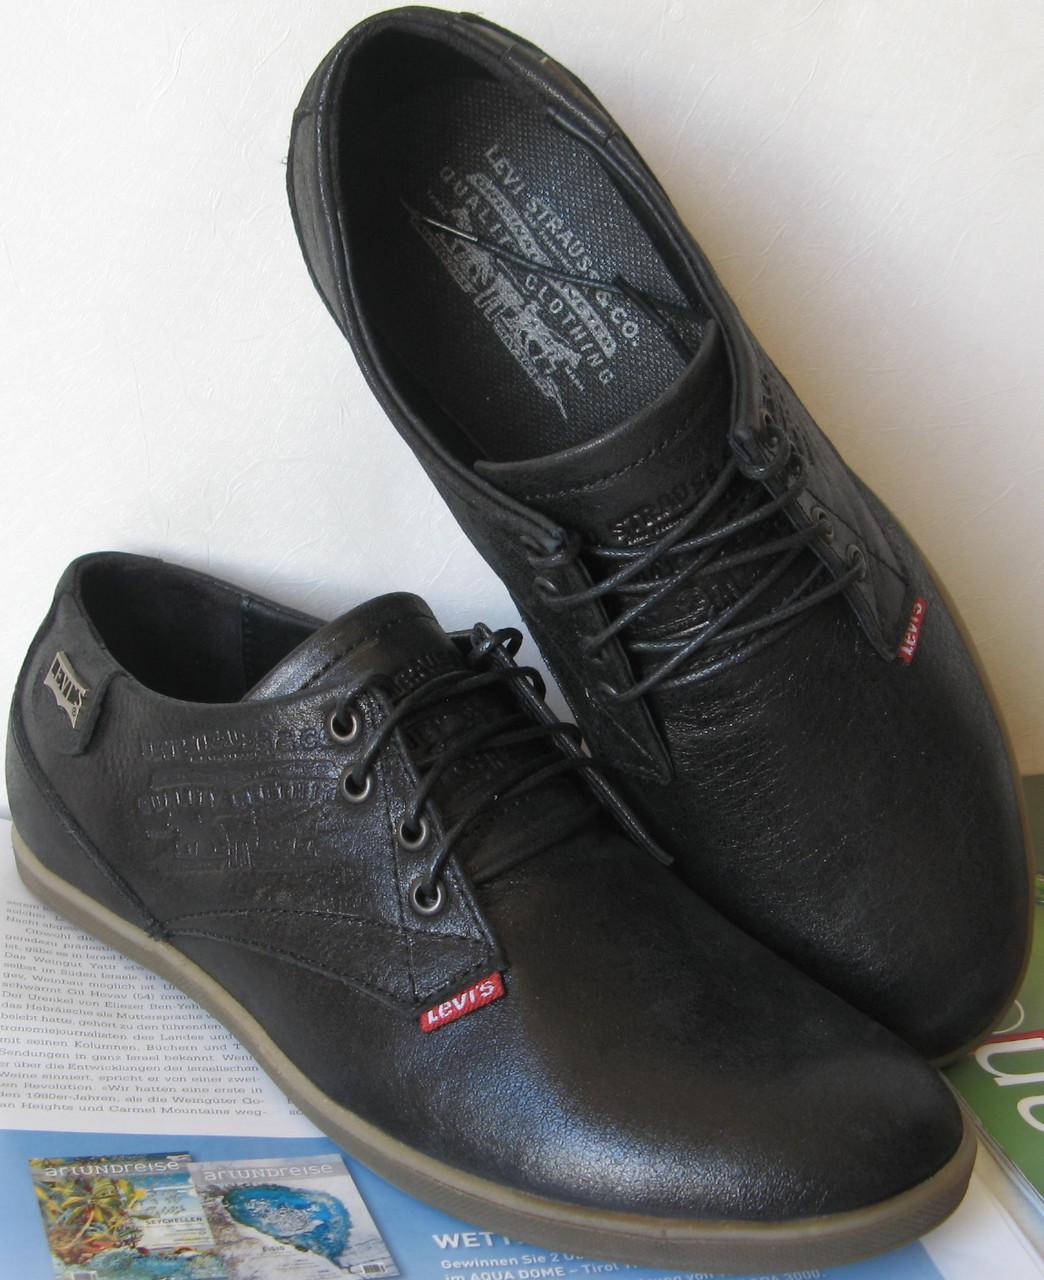 Чоловічі демісезонні шкіряні туфлі Levis чорні весна осінь якісна репліка  Левіс черевики класичні натуральні e9d393ed473c6